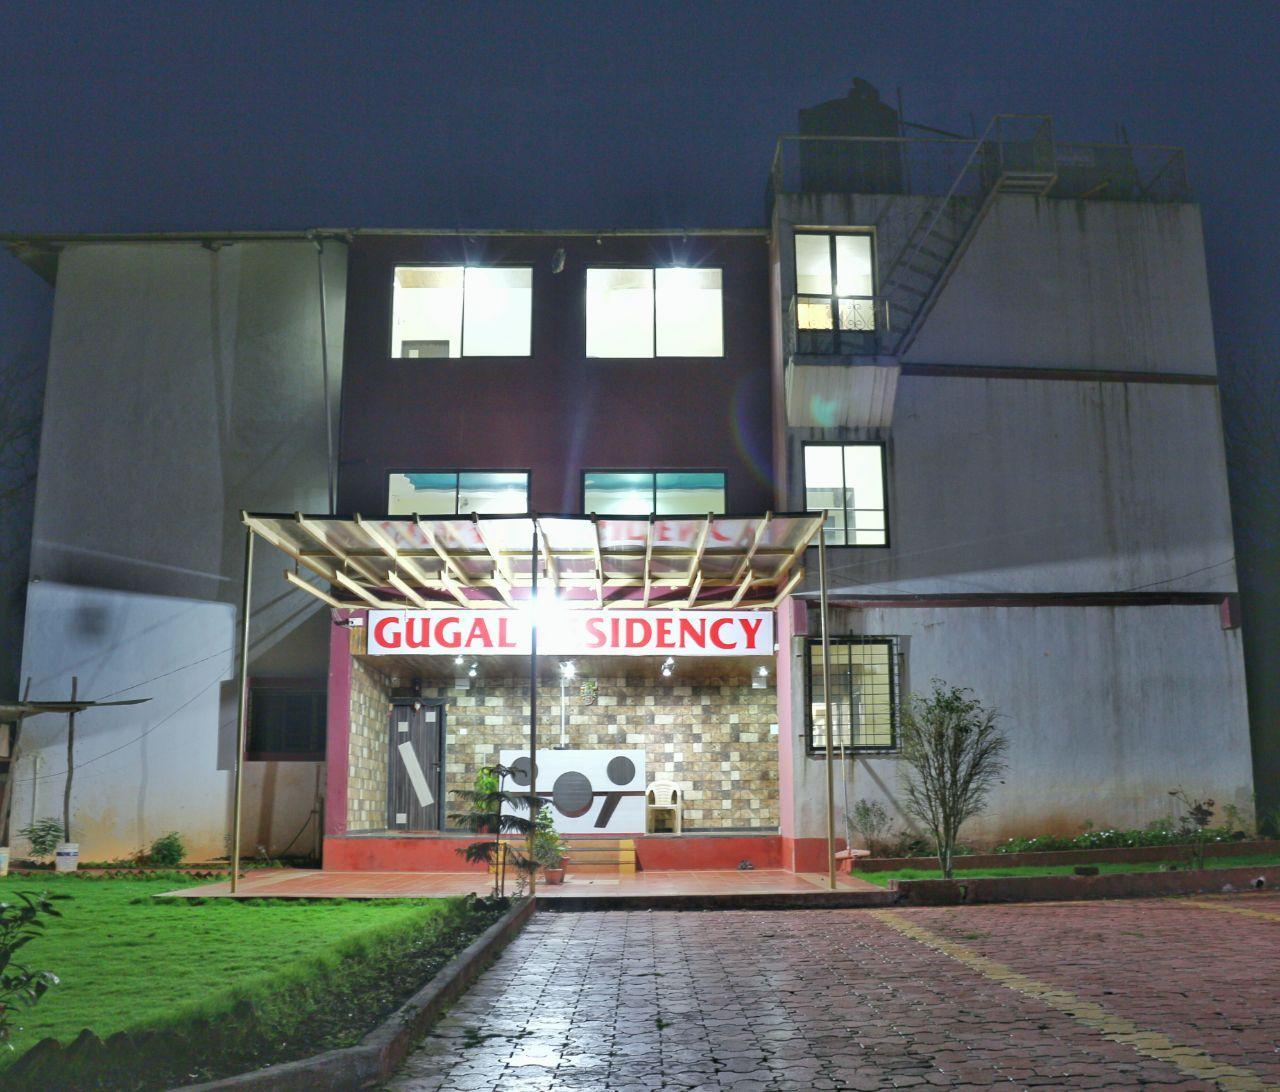 Gugal Residency